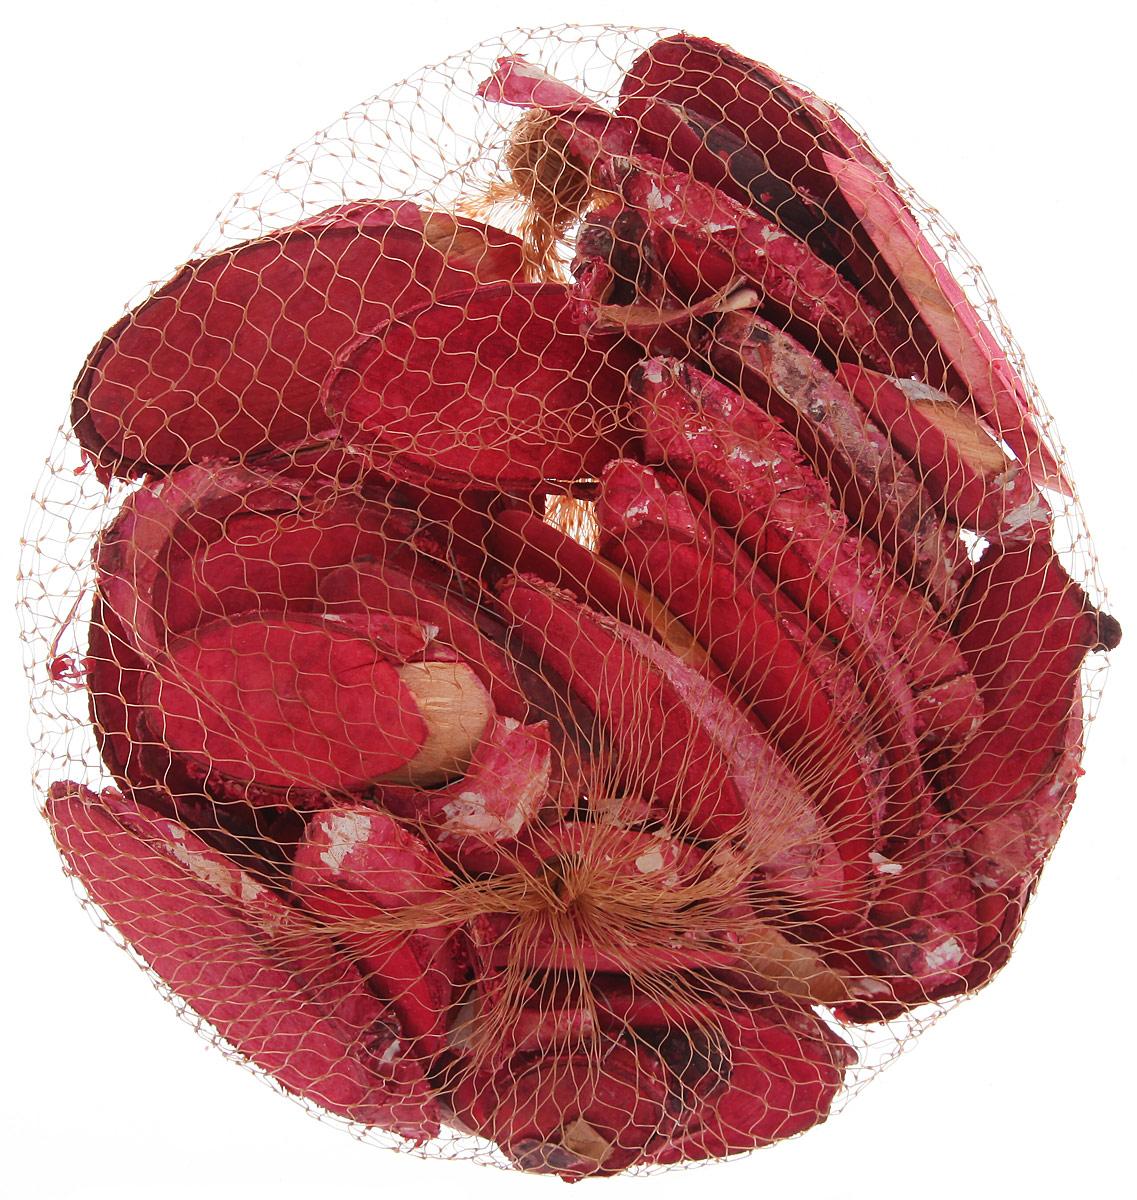 Декоративный элемент Dongjiang Art Срез ветки, цвет: красный, толщина 7 мм, 250 г1021088Декоративный элемент Dongjiang Art Срез ветки изготовлен из дерева.Изделие предназначено для декорирования. Срез может пригодиться во флористике и многом другом. Декоративный элемент представляет собой тонкий срез ветки. Флористика - вид декоративно-прикладного искусства, который использует живые, засушенные или консервированные природные материалы для создания флористических работ. Это целый мир, в котором есть место и строгому математическому расчету, и вдохновению, полету фантазии. Толщина среза: 7 мм.